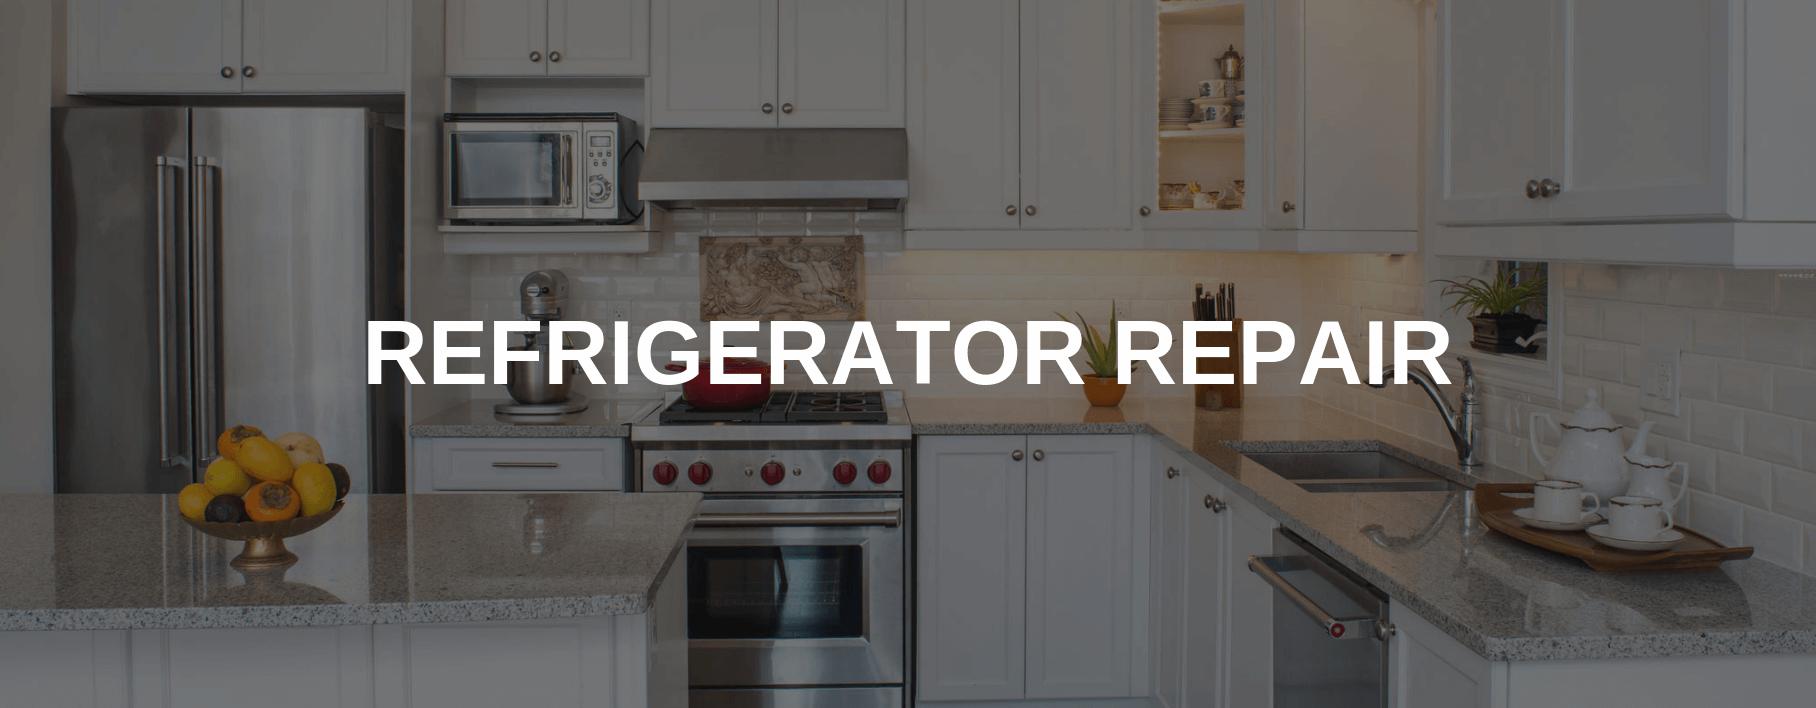 refrigerator repair auburn